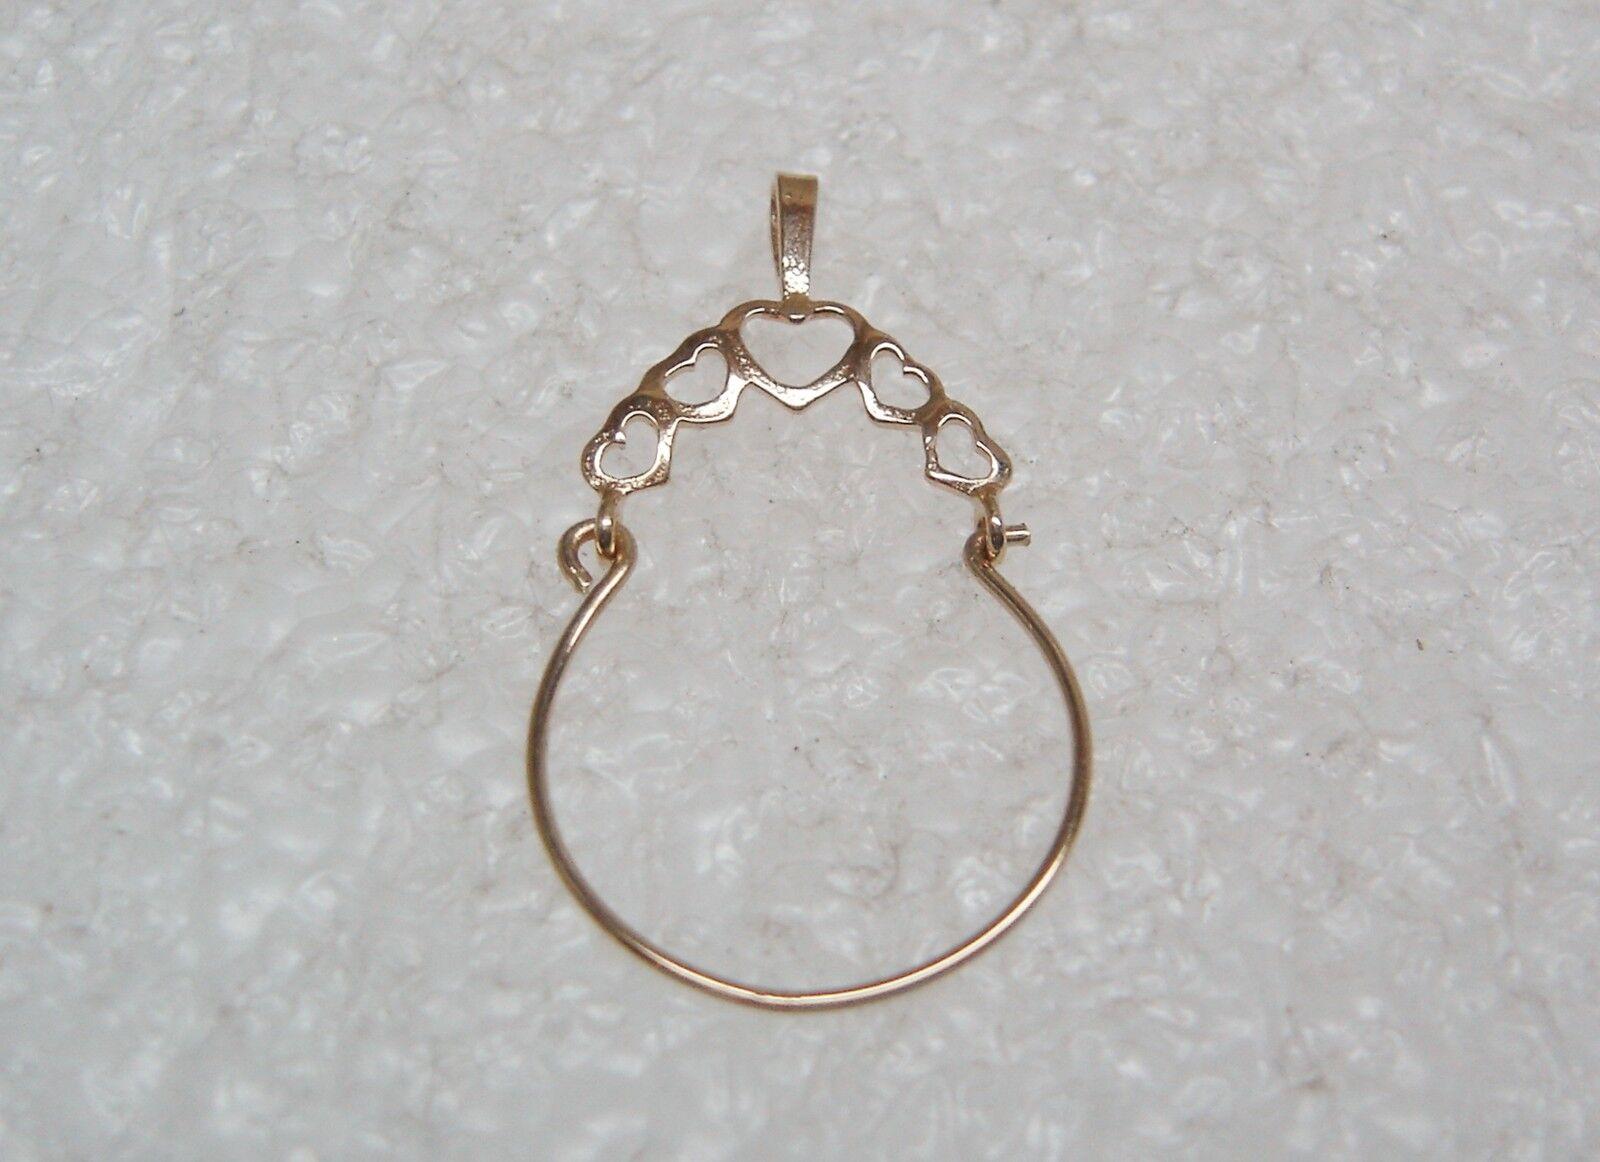 14k oro Giallo Multiplo Ciondolo a Cuore Supporto Ciondolo Ciondolo Ciondolo N406-h b7cad5